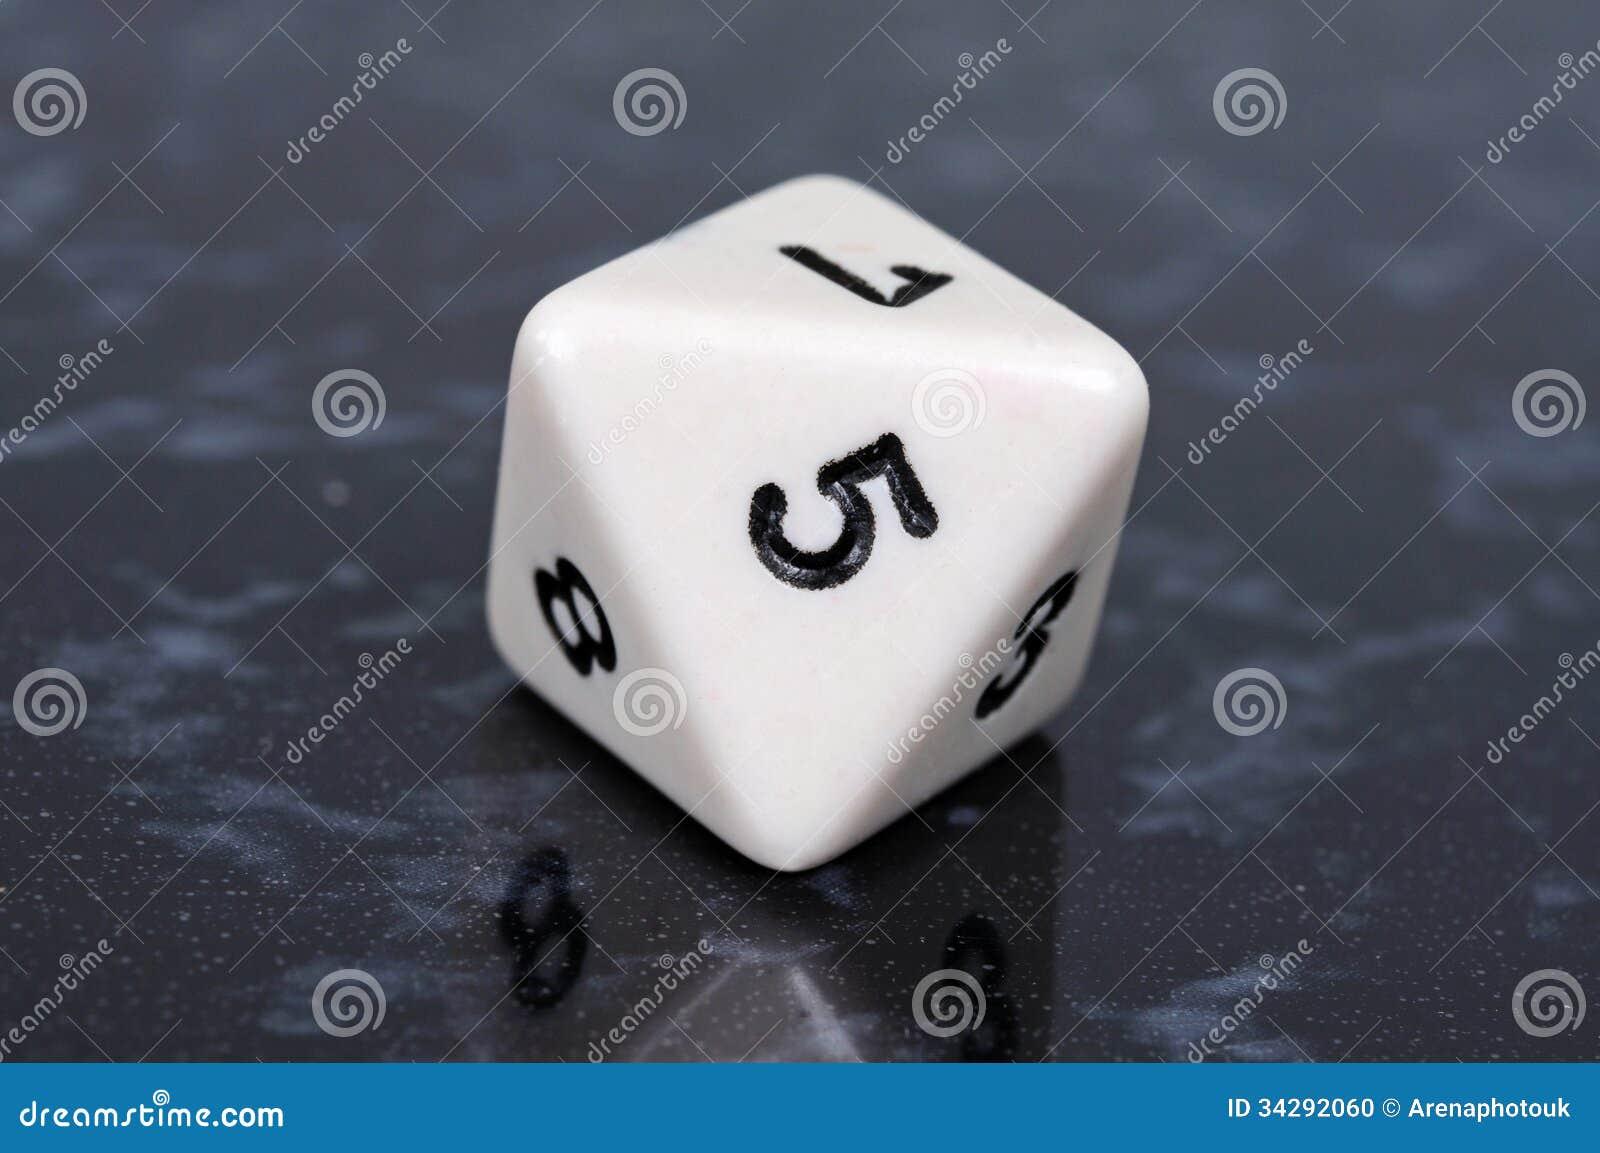 octahedron shaped dice stock photo image 34292060